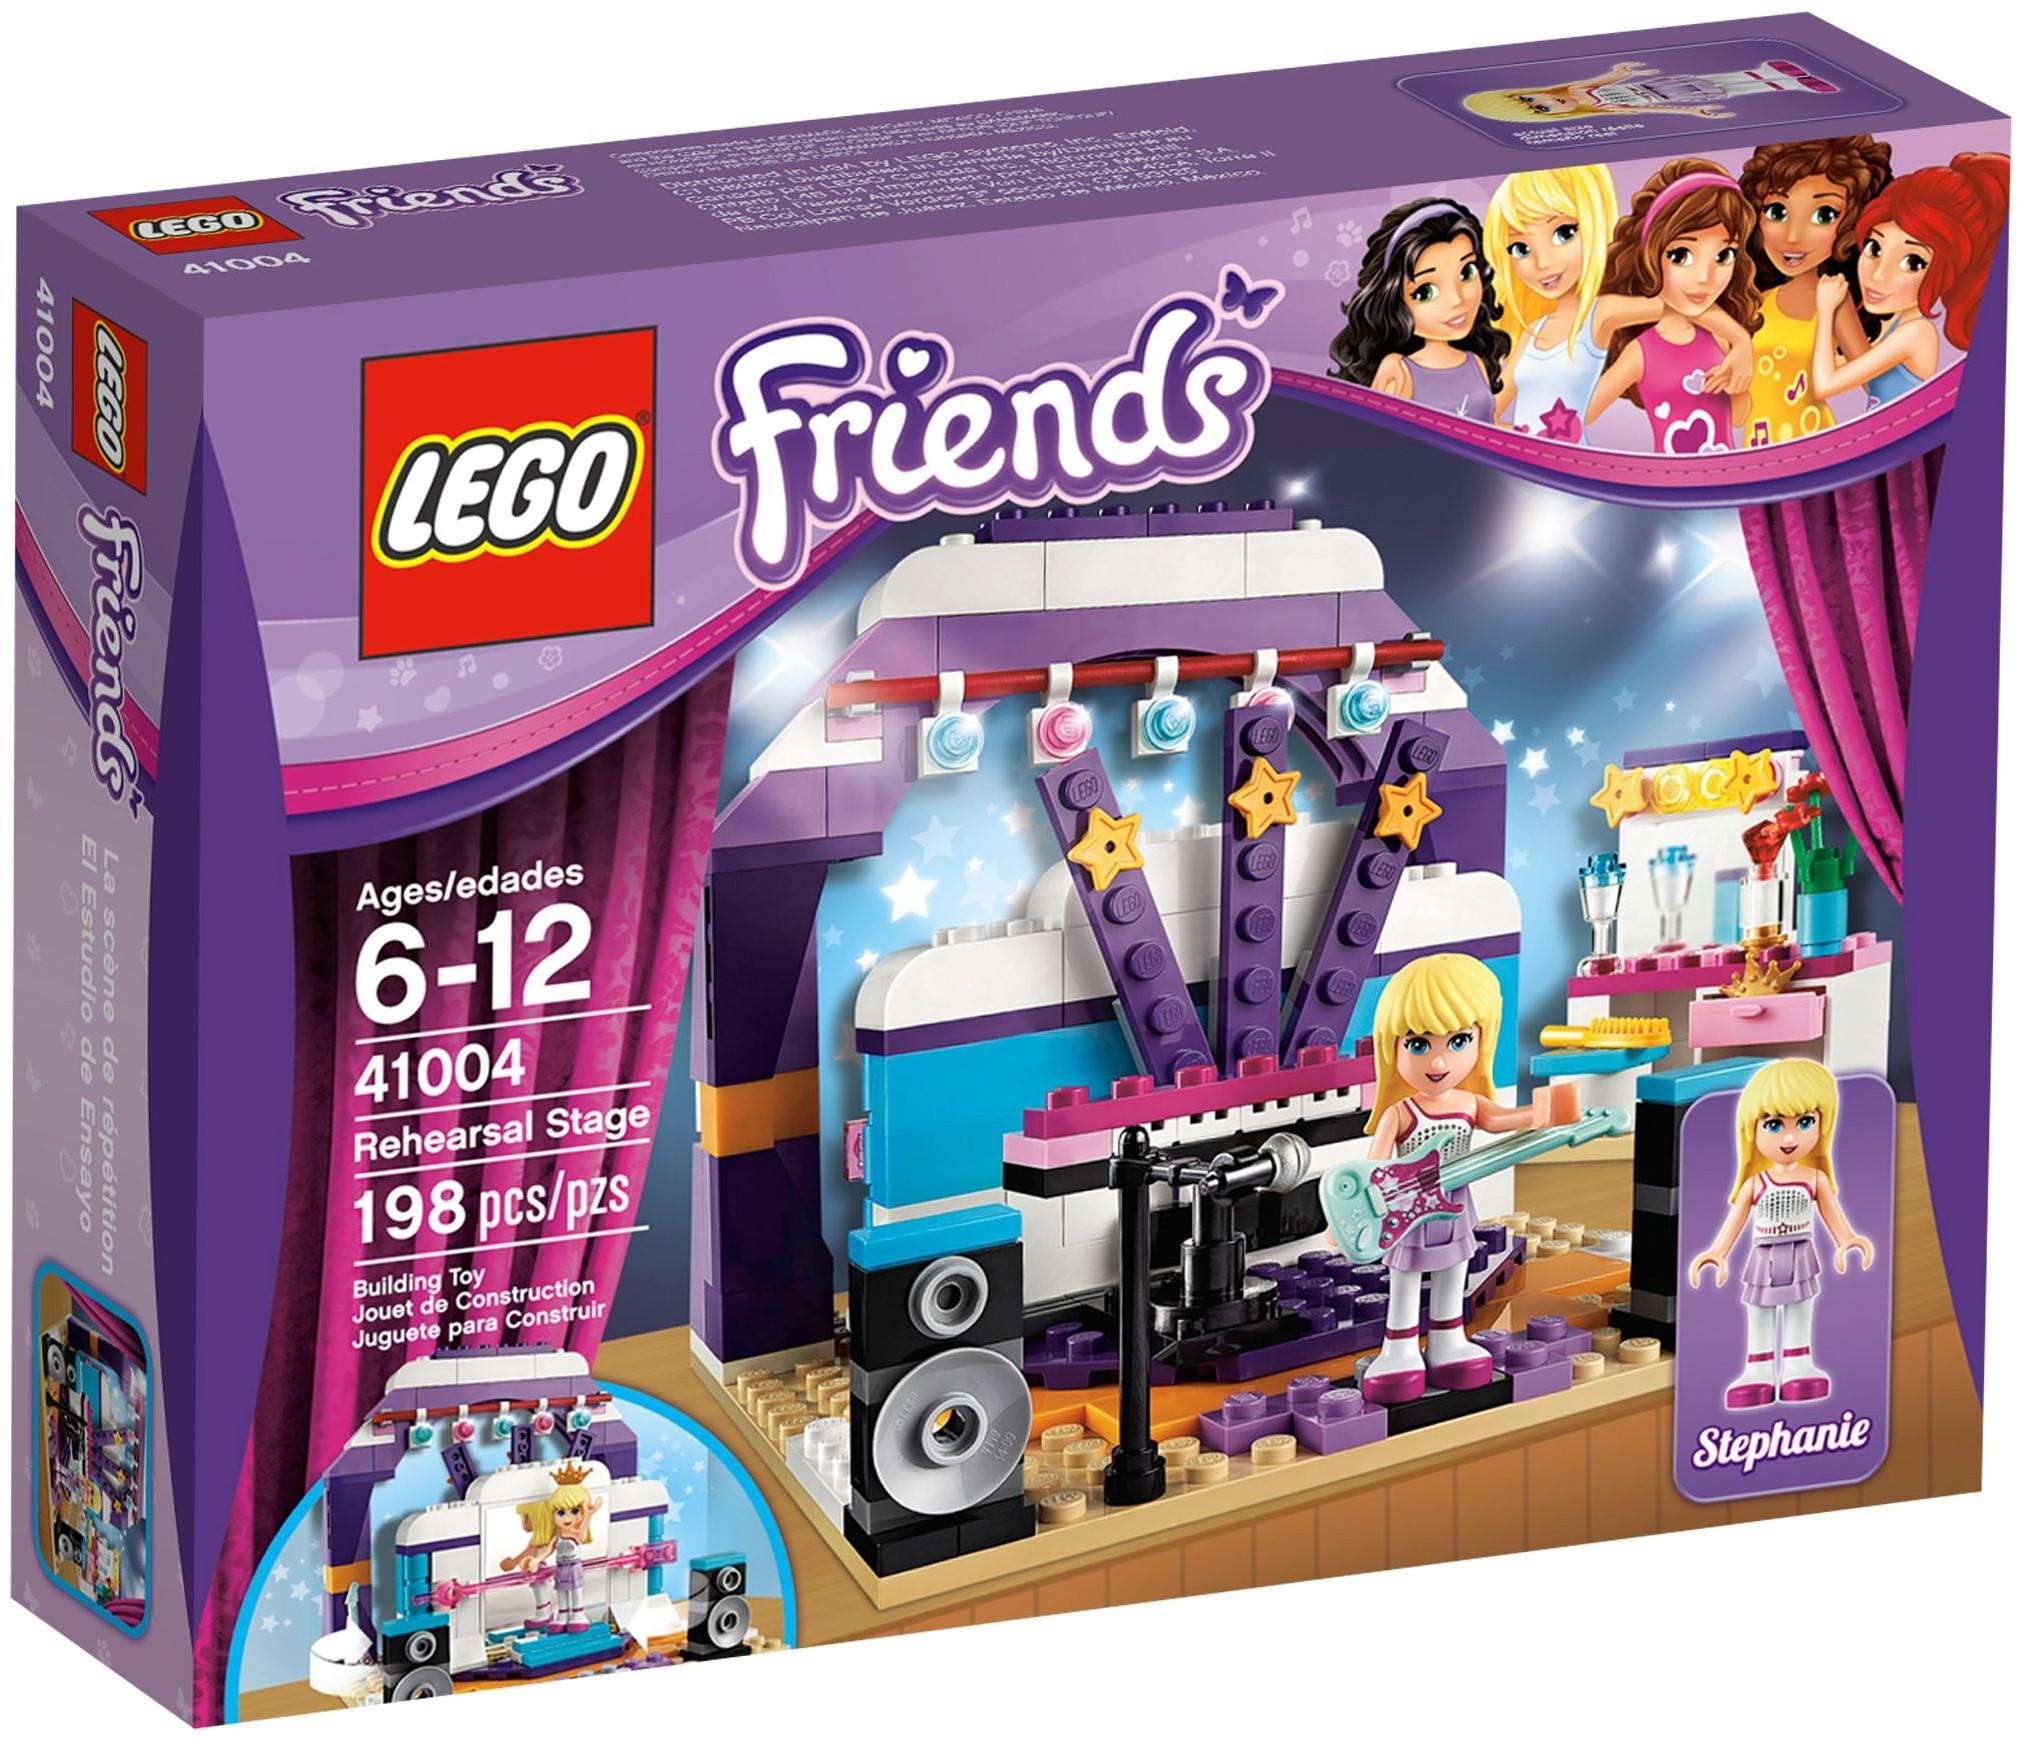 lego friends 41004 pas cher le studio de musique et de danse. Black Bedroom Furniture Sets. Home Design Ideas